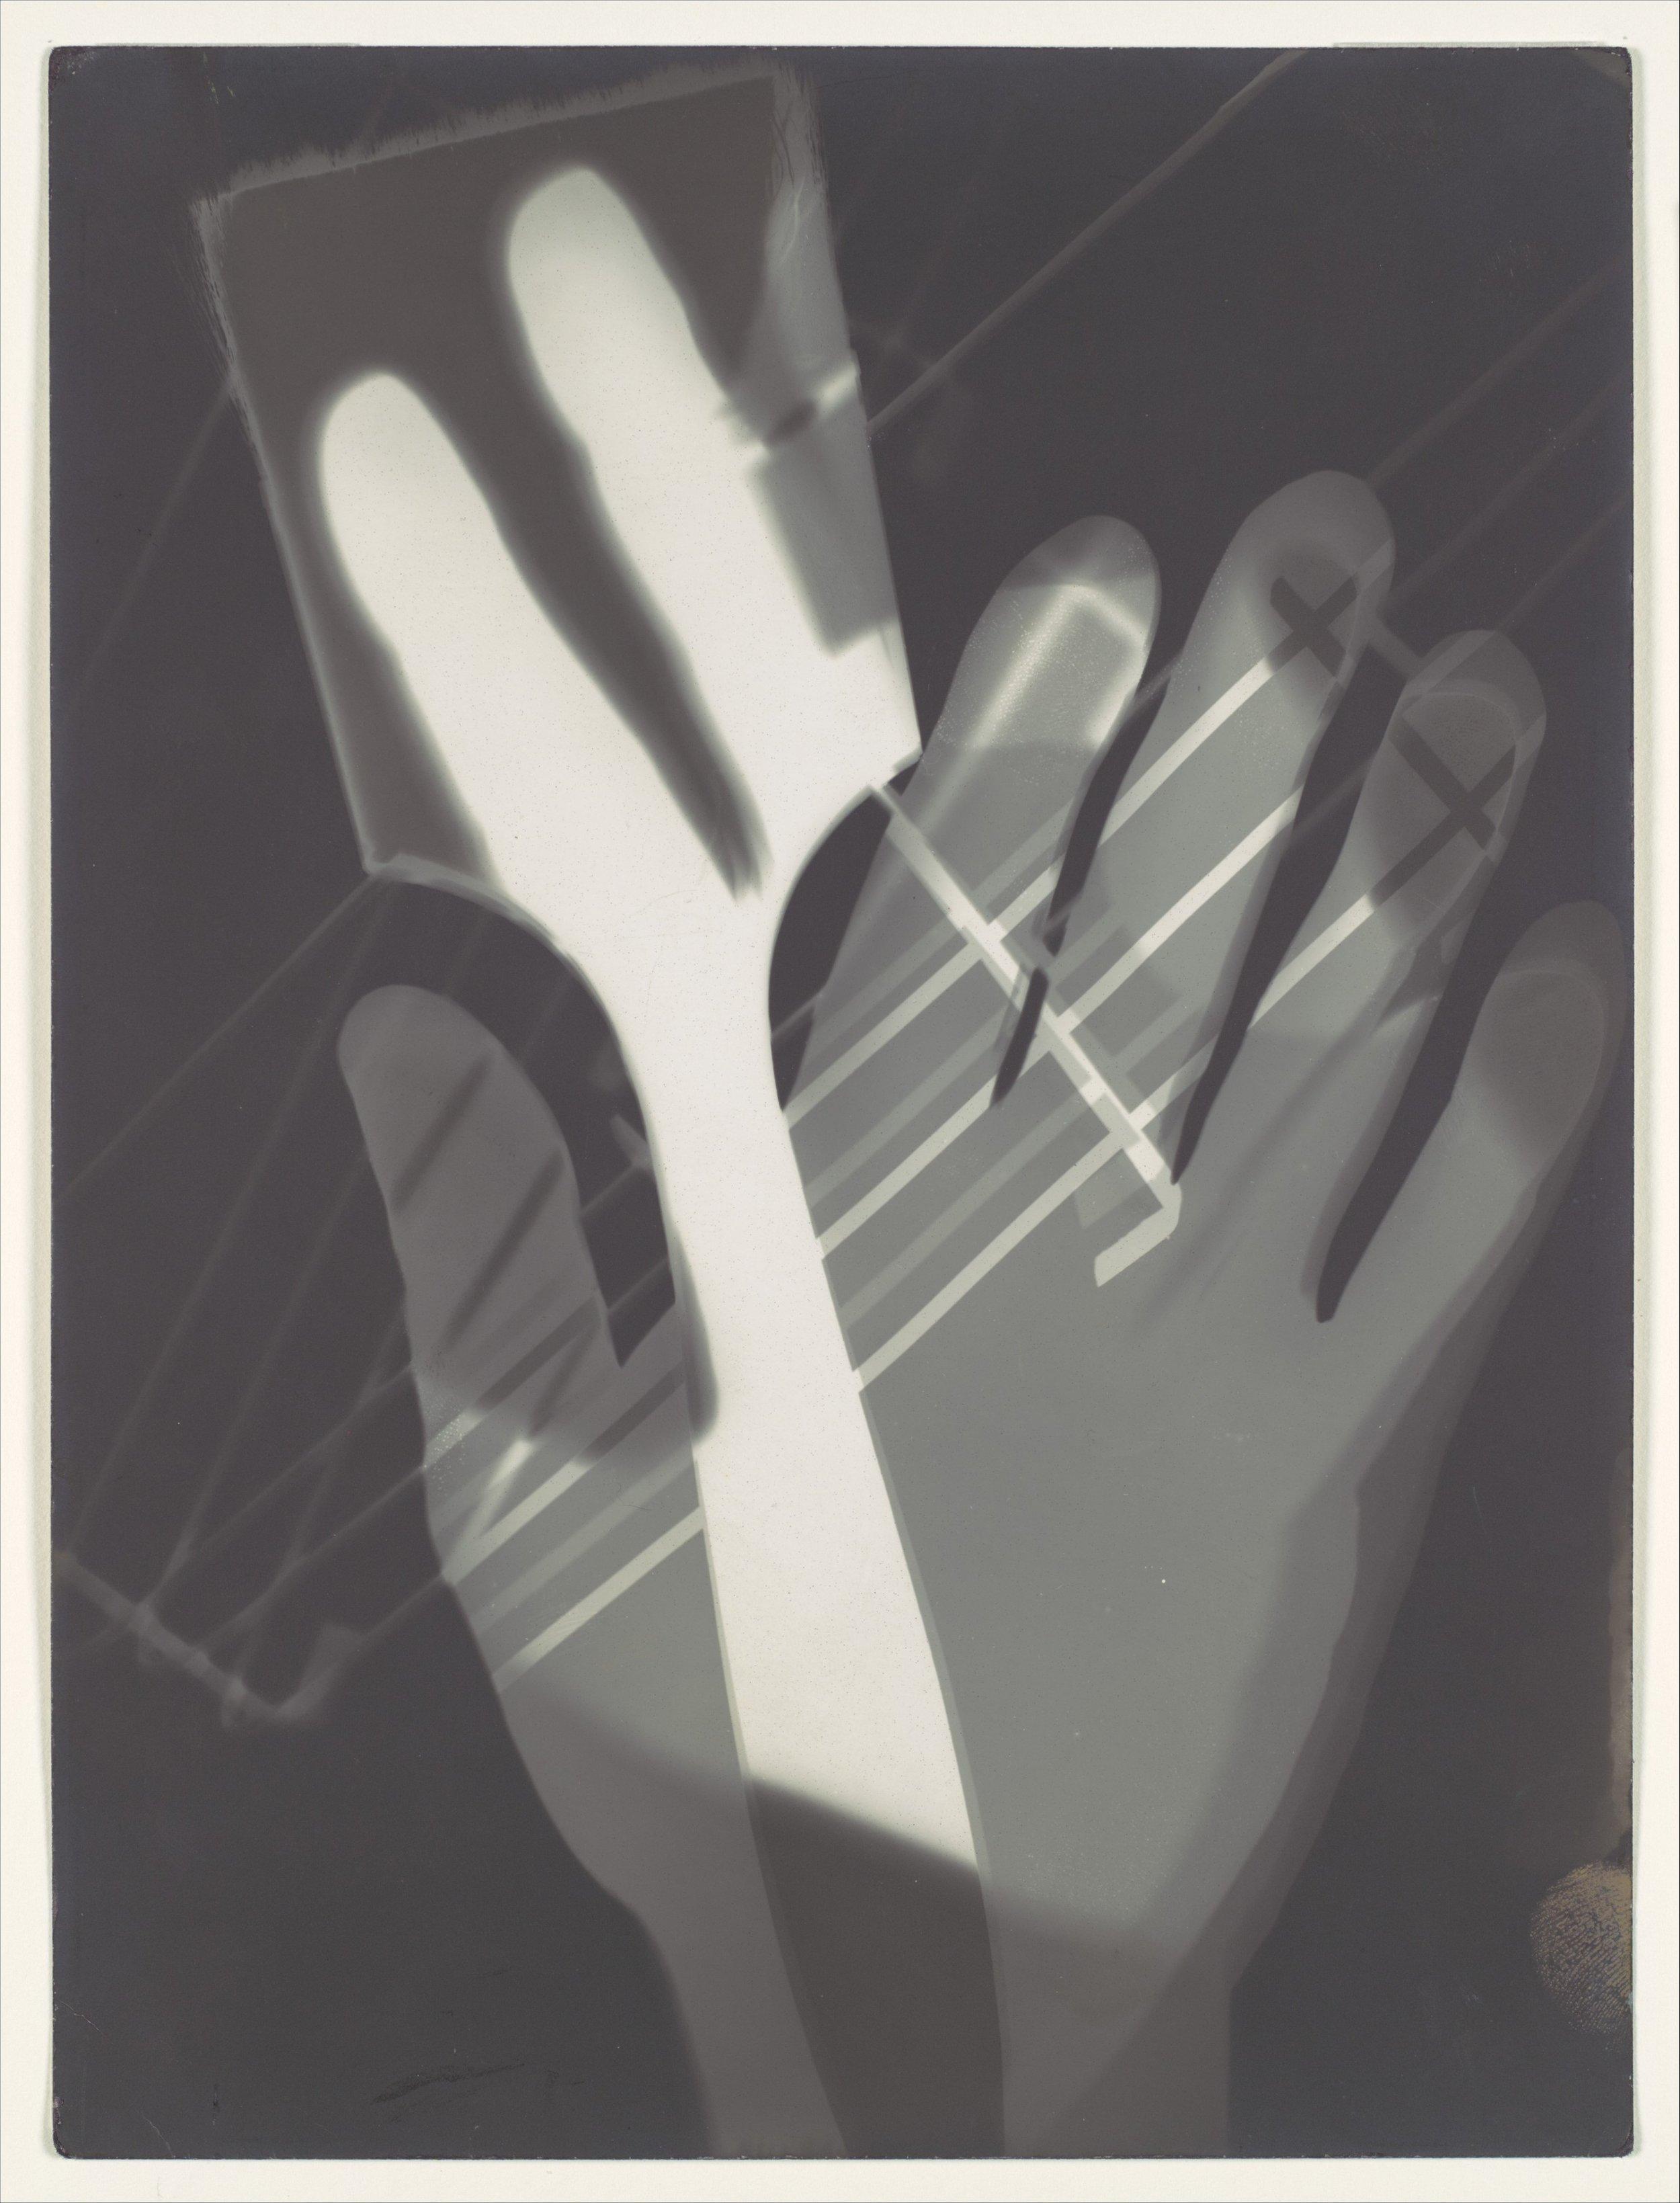 László Moholy-Nagy - Fotogramm - Gelatin silver print - 1926